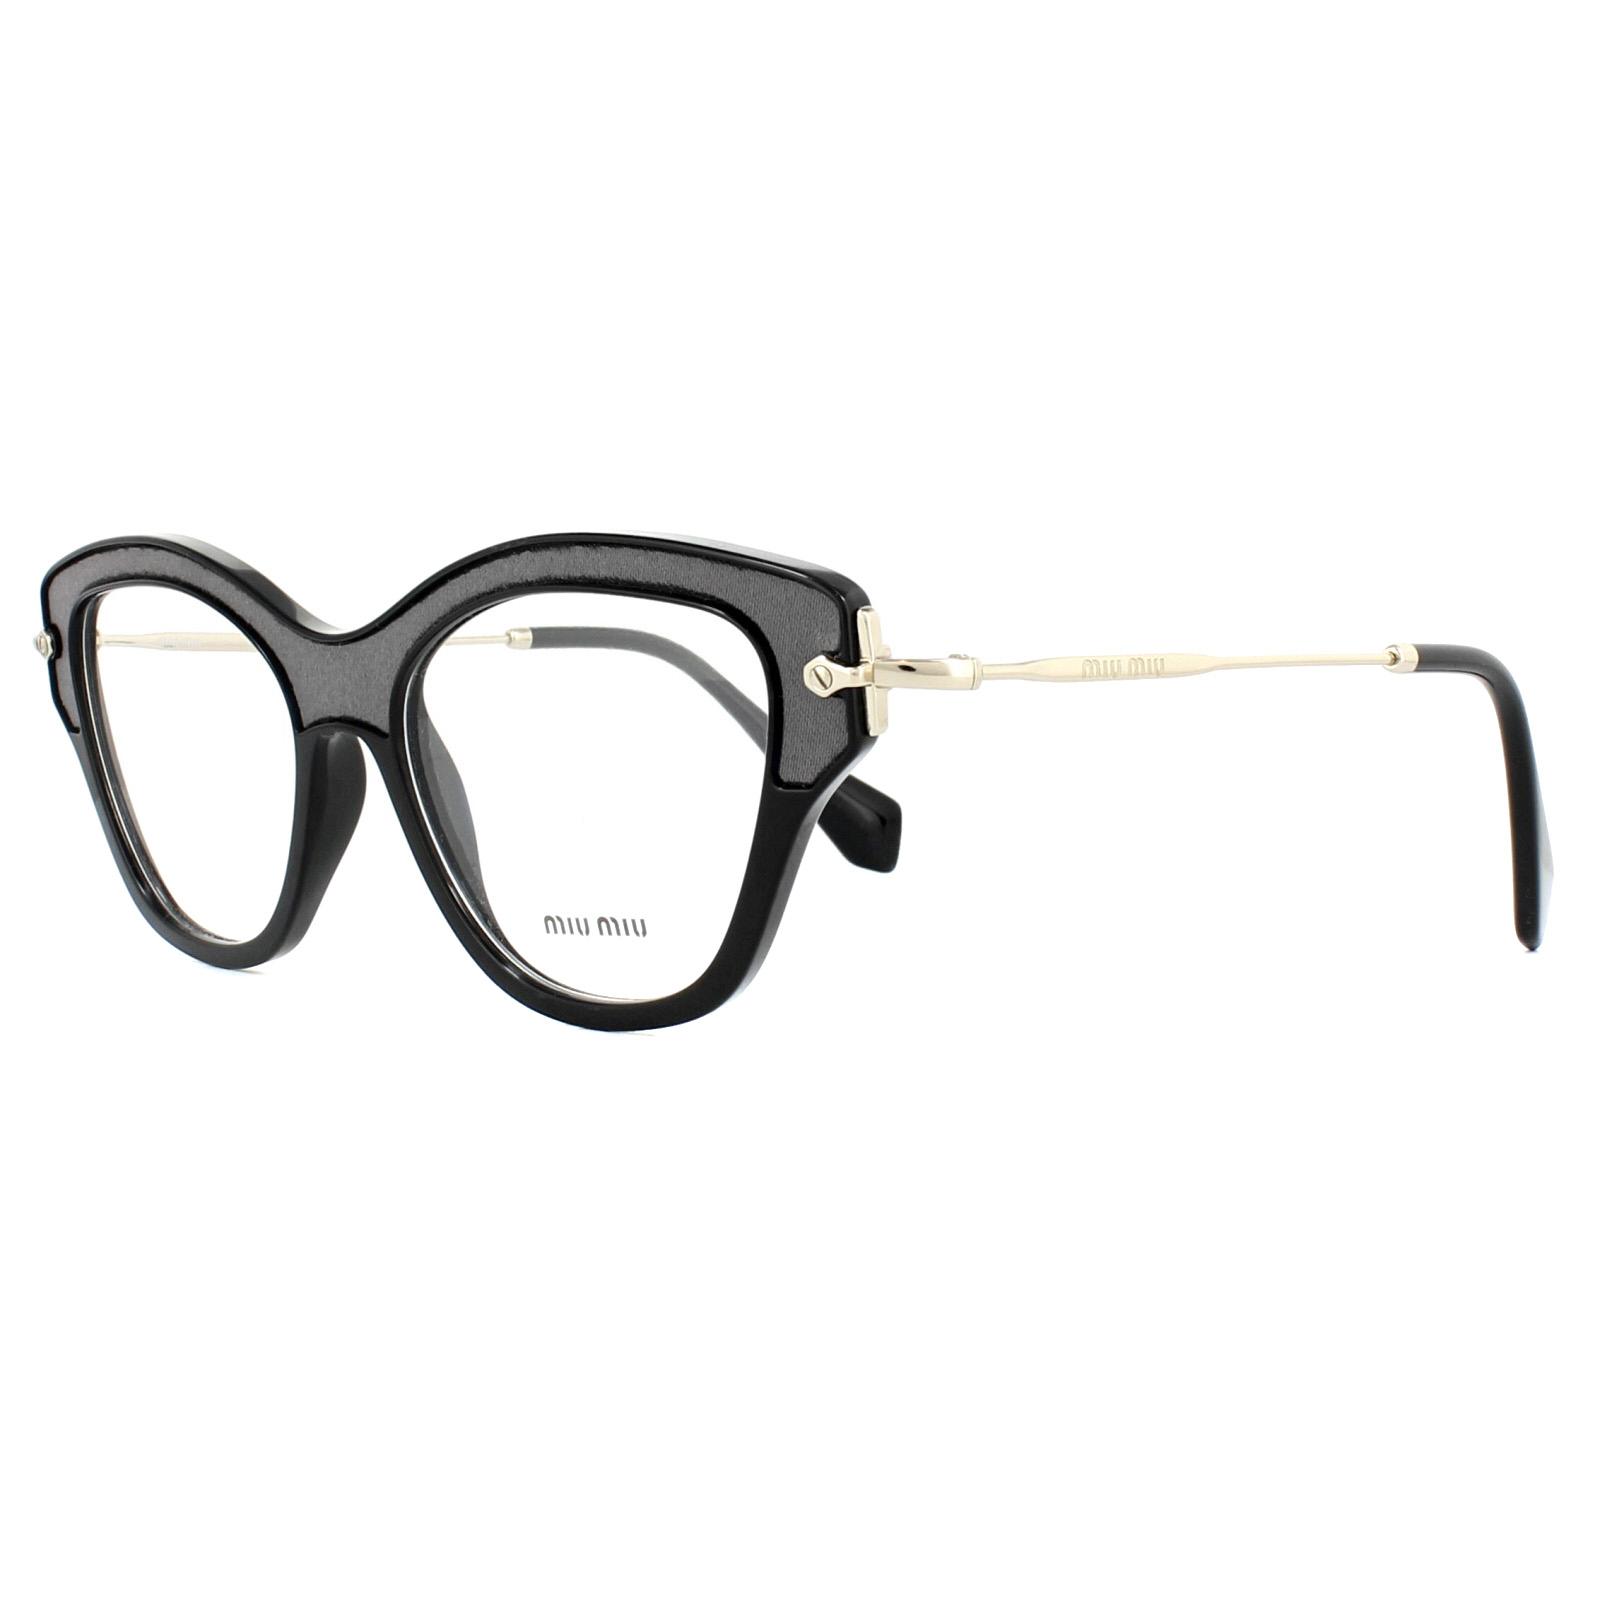 b61612e46fbf Miu Miu Glasses Frames MU07OV VIE1O1 Black 52mm Womens 8053672743050 ...